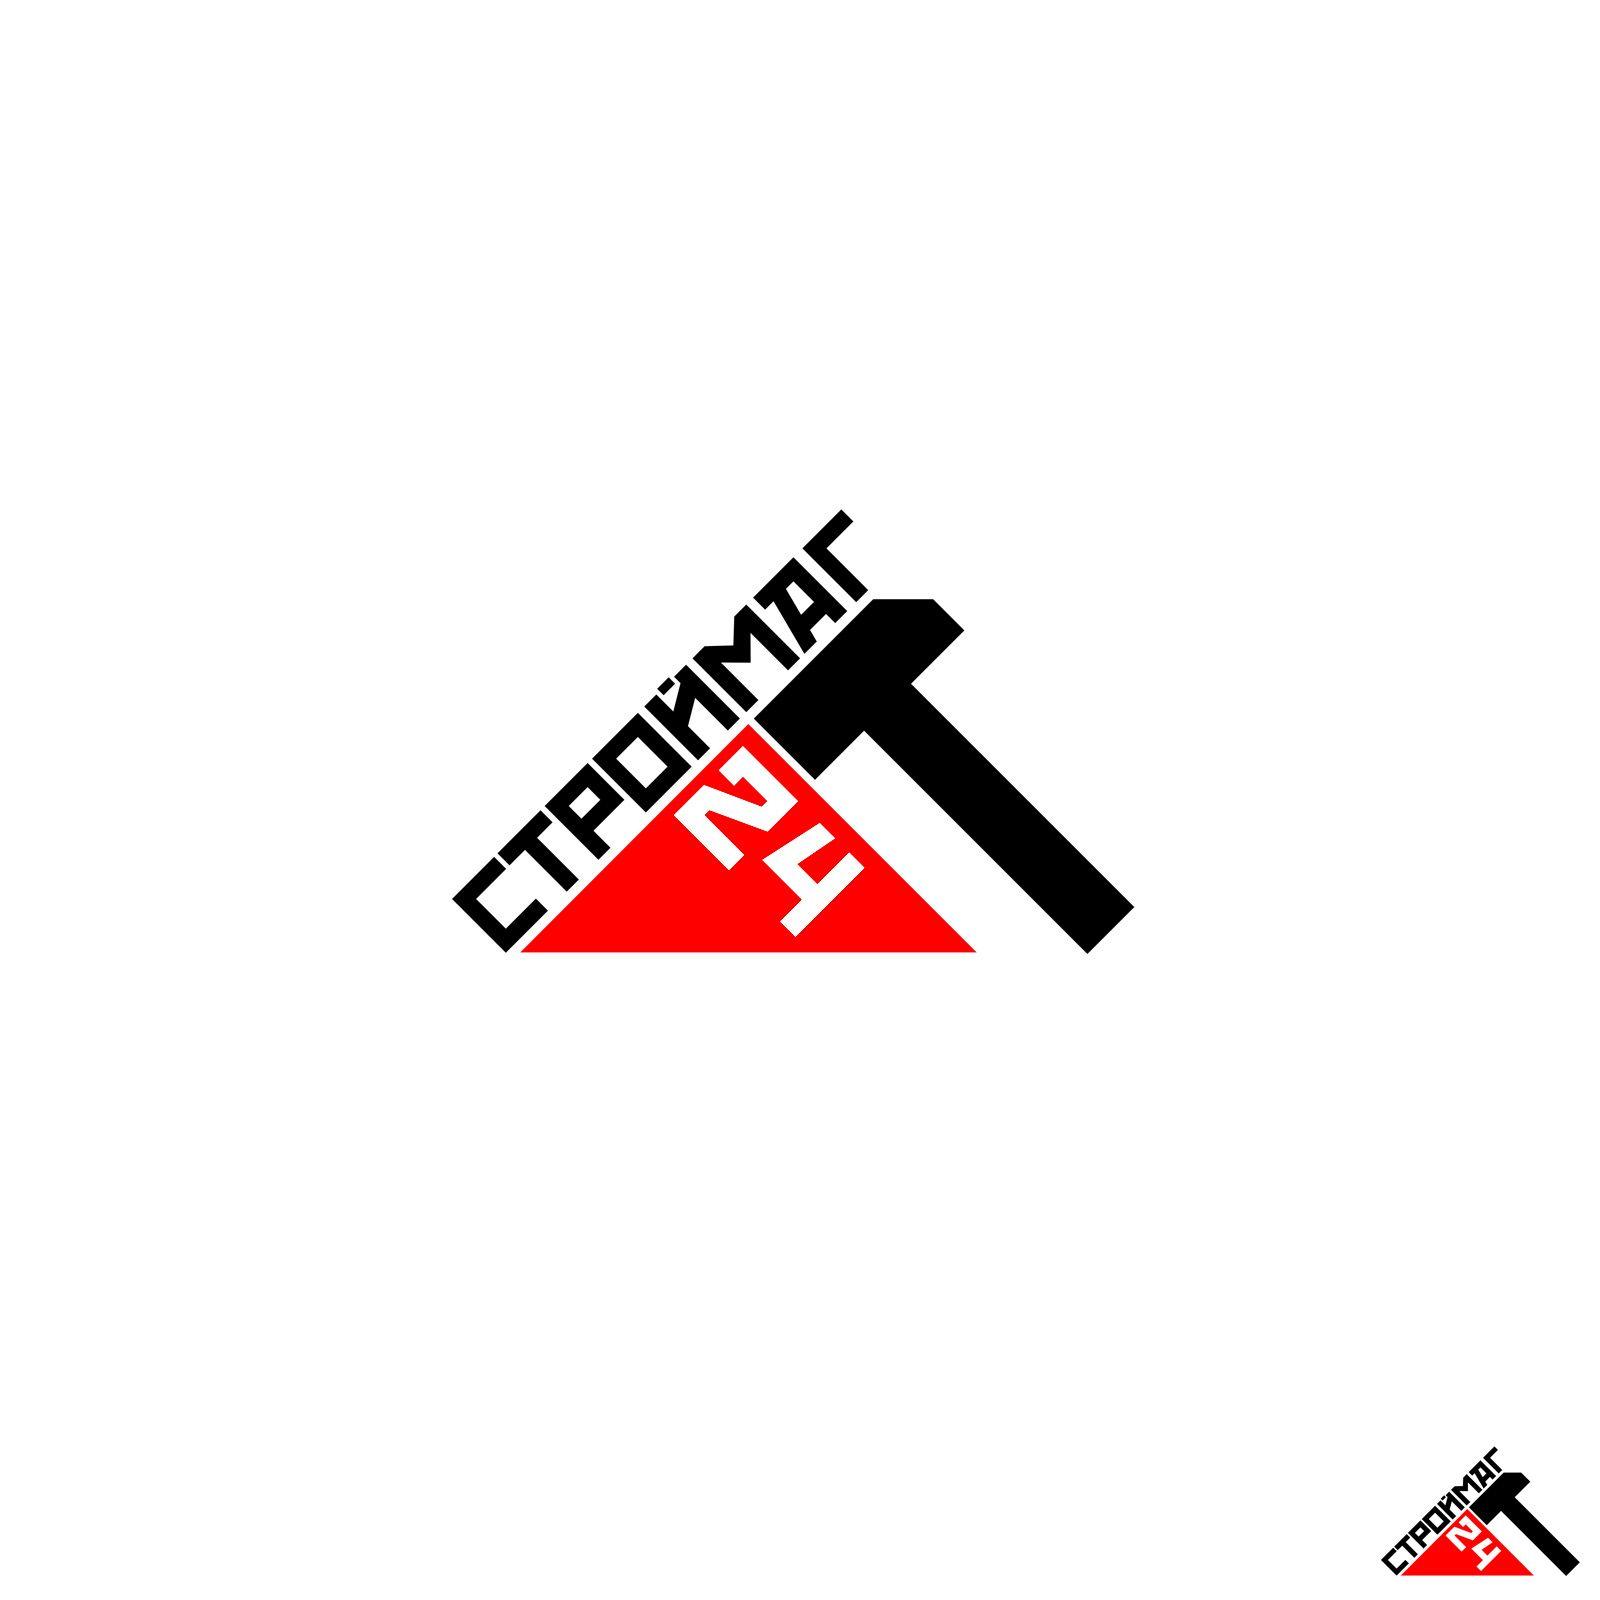 Лого и фирм стиль для Строймаг24 - дизайнер stason2008